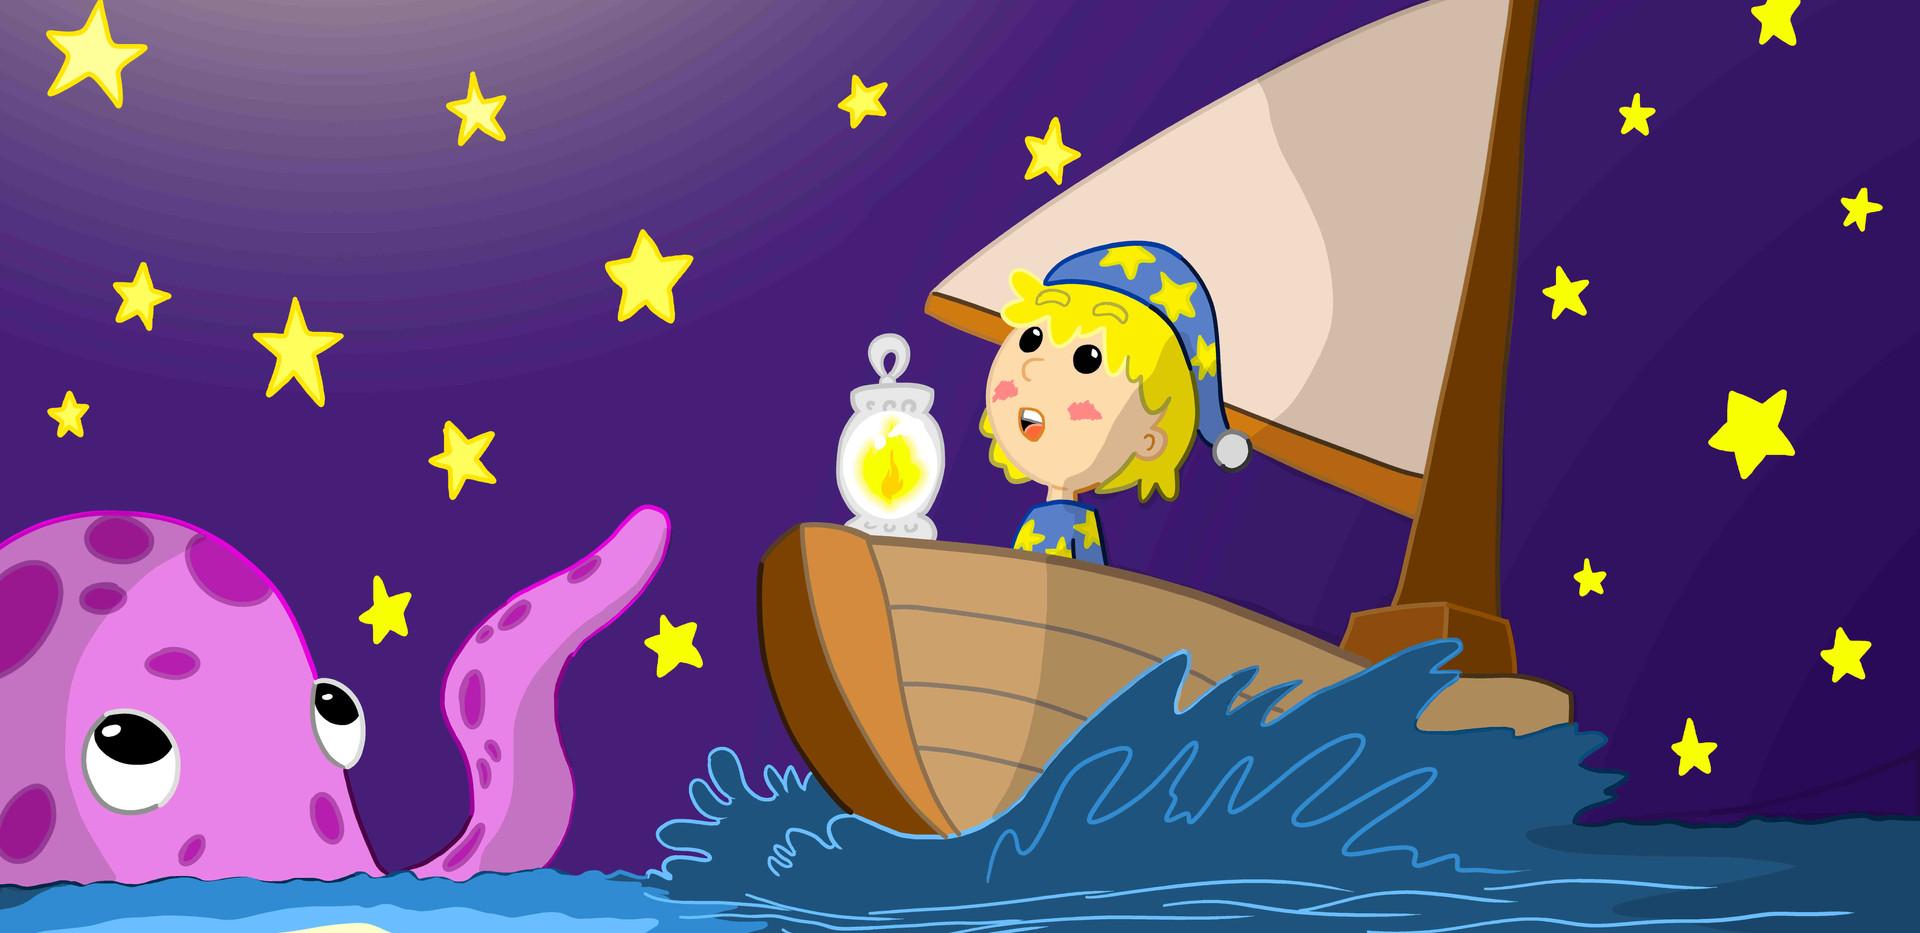 Copy of ChildrenBook-Colored-Ocean.jpg